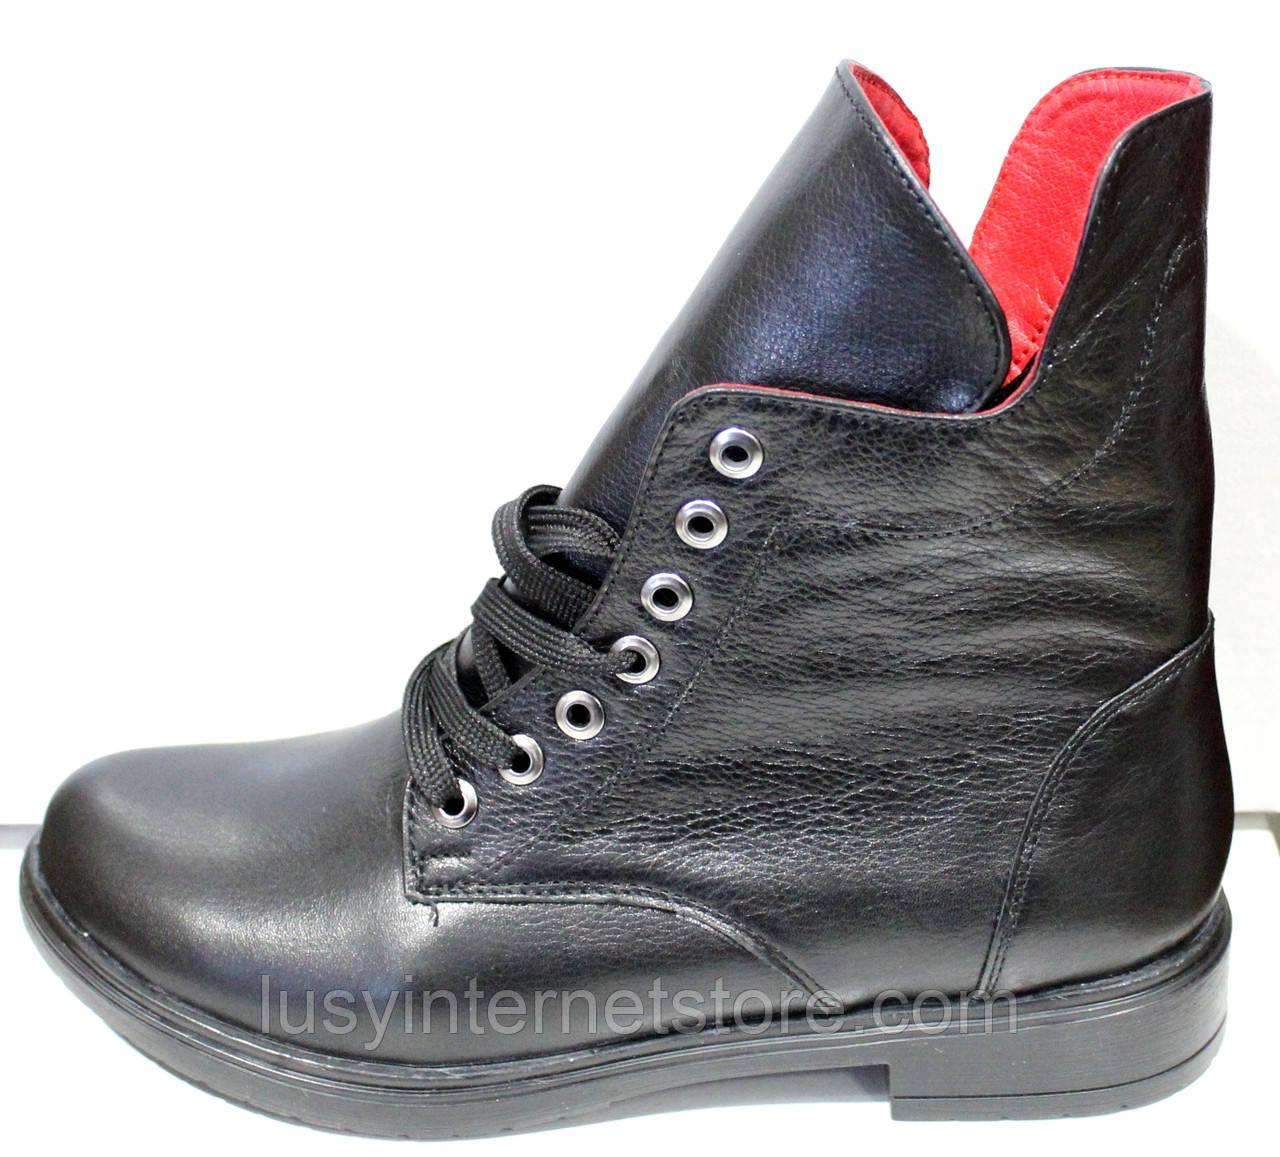 Ботинки женские демисезонные кожаные на низком ходу от производителя модель ДР1018